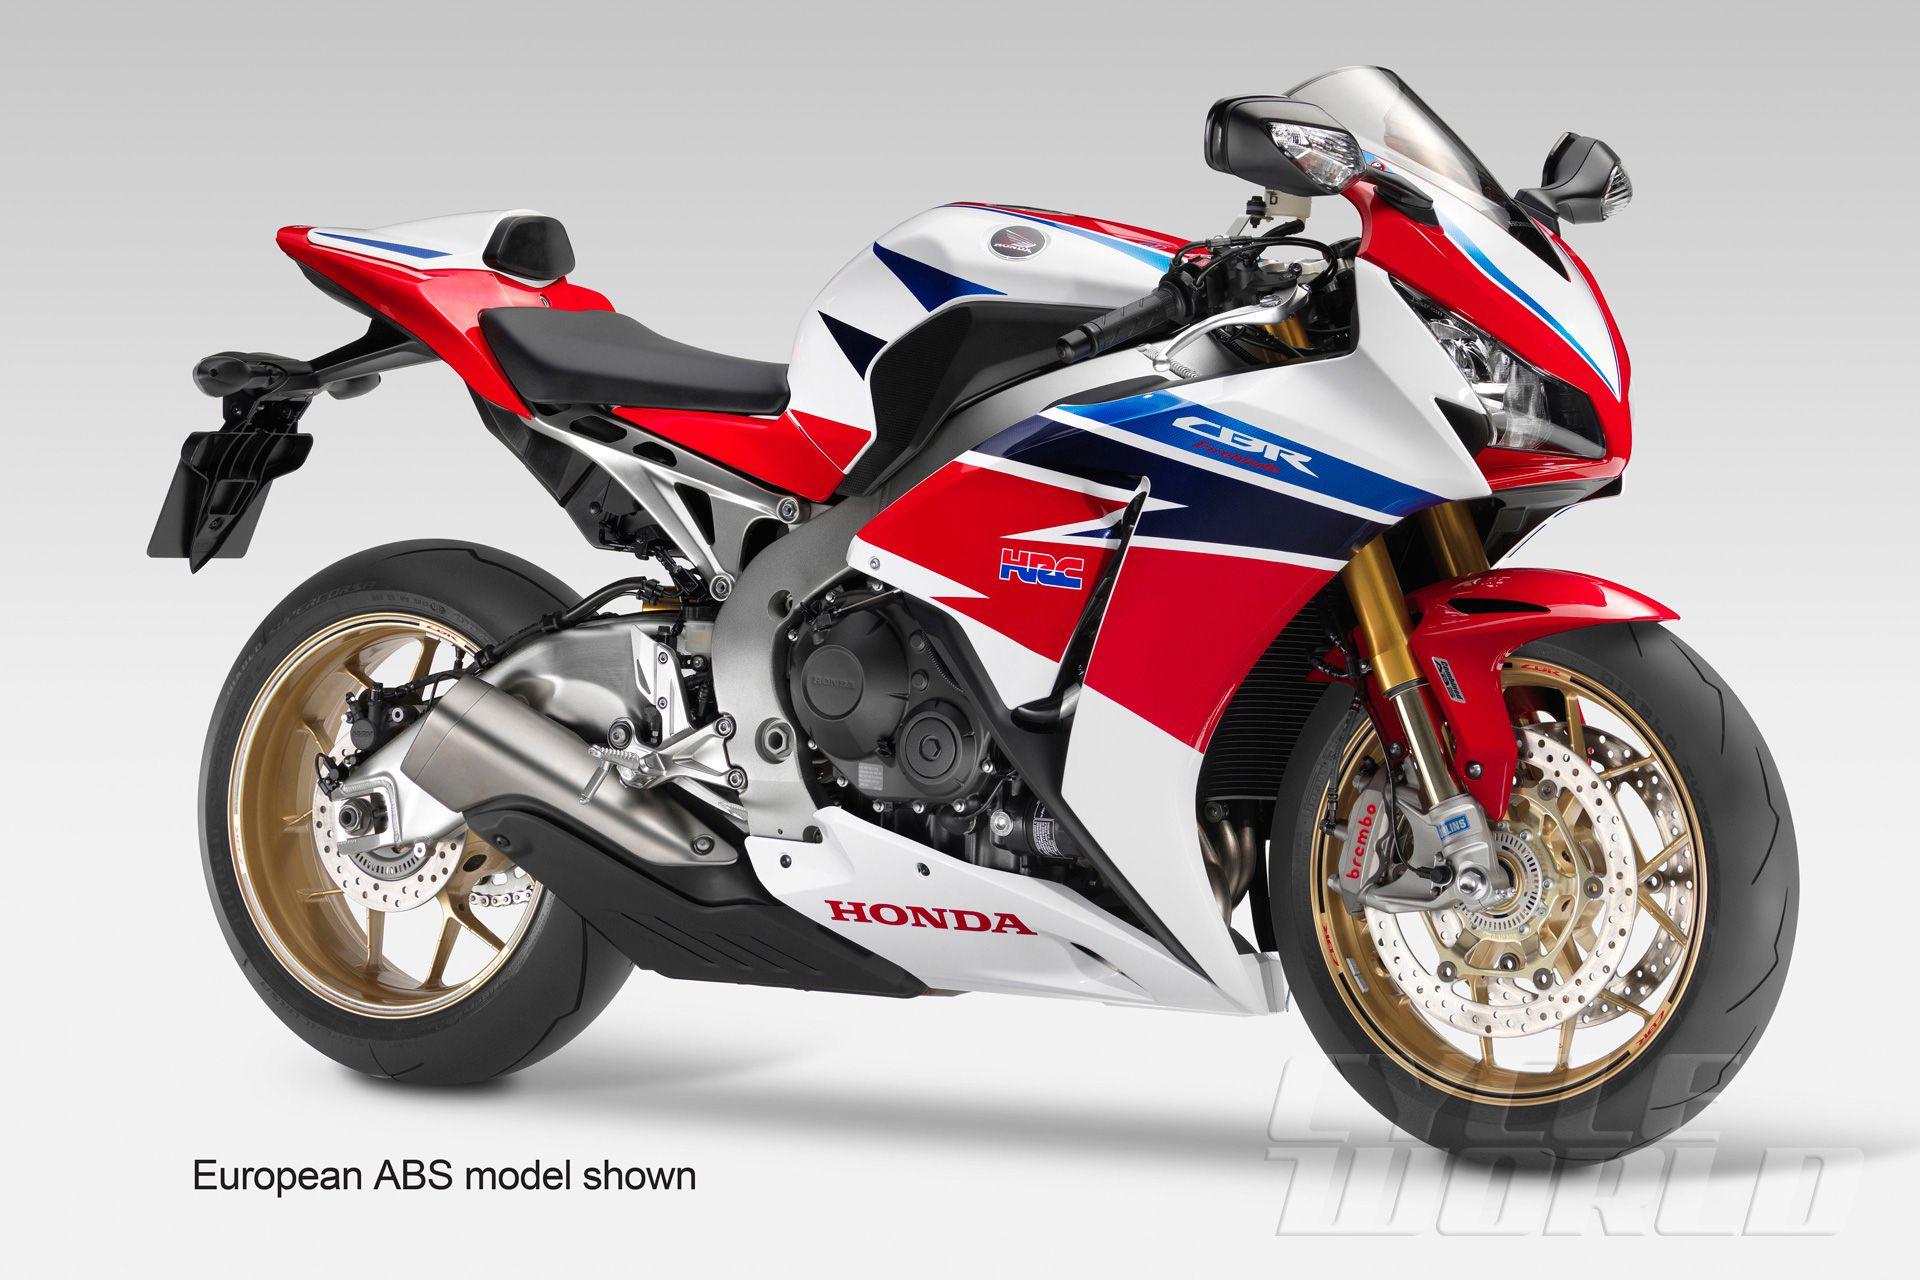 Kelebihan Honda Cbr 1000Rr Spesifikasi